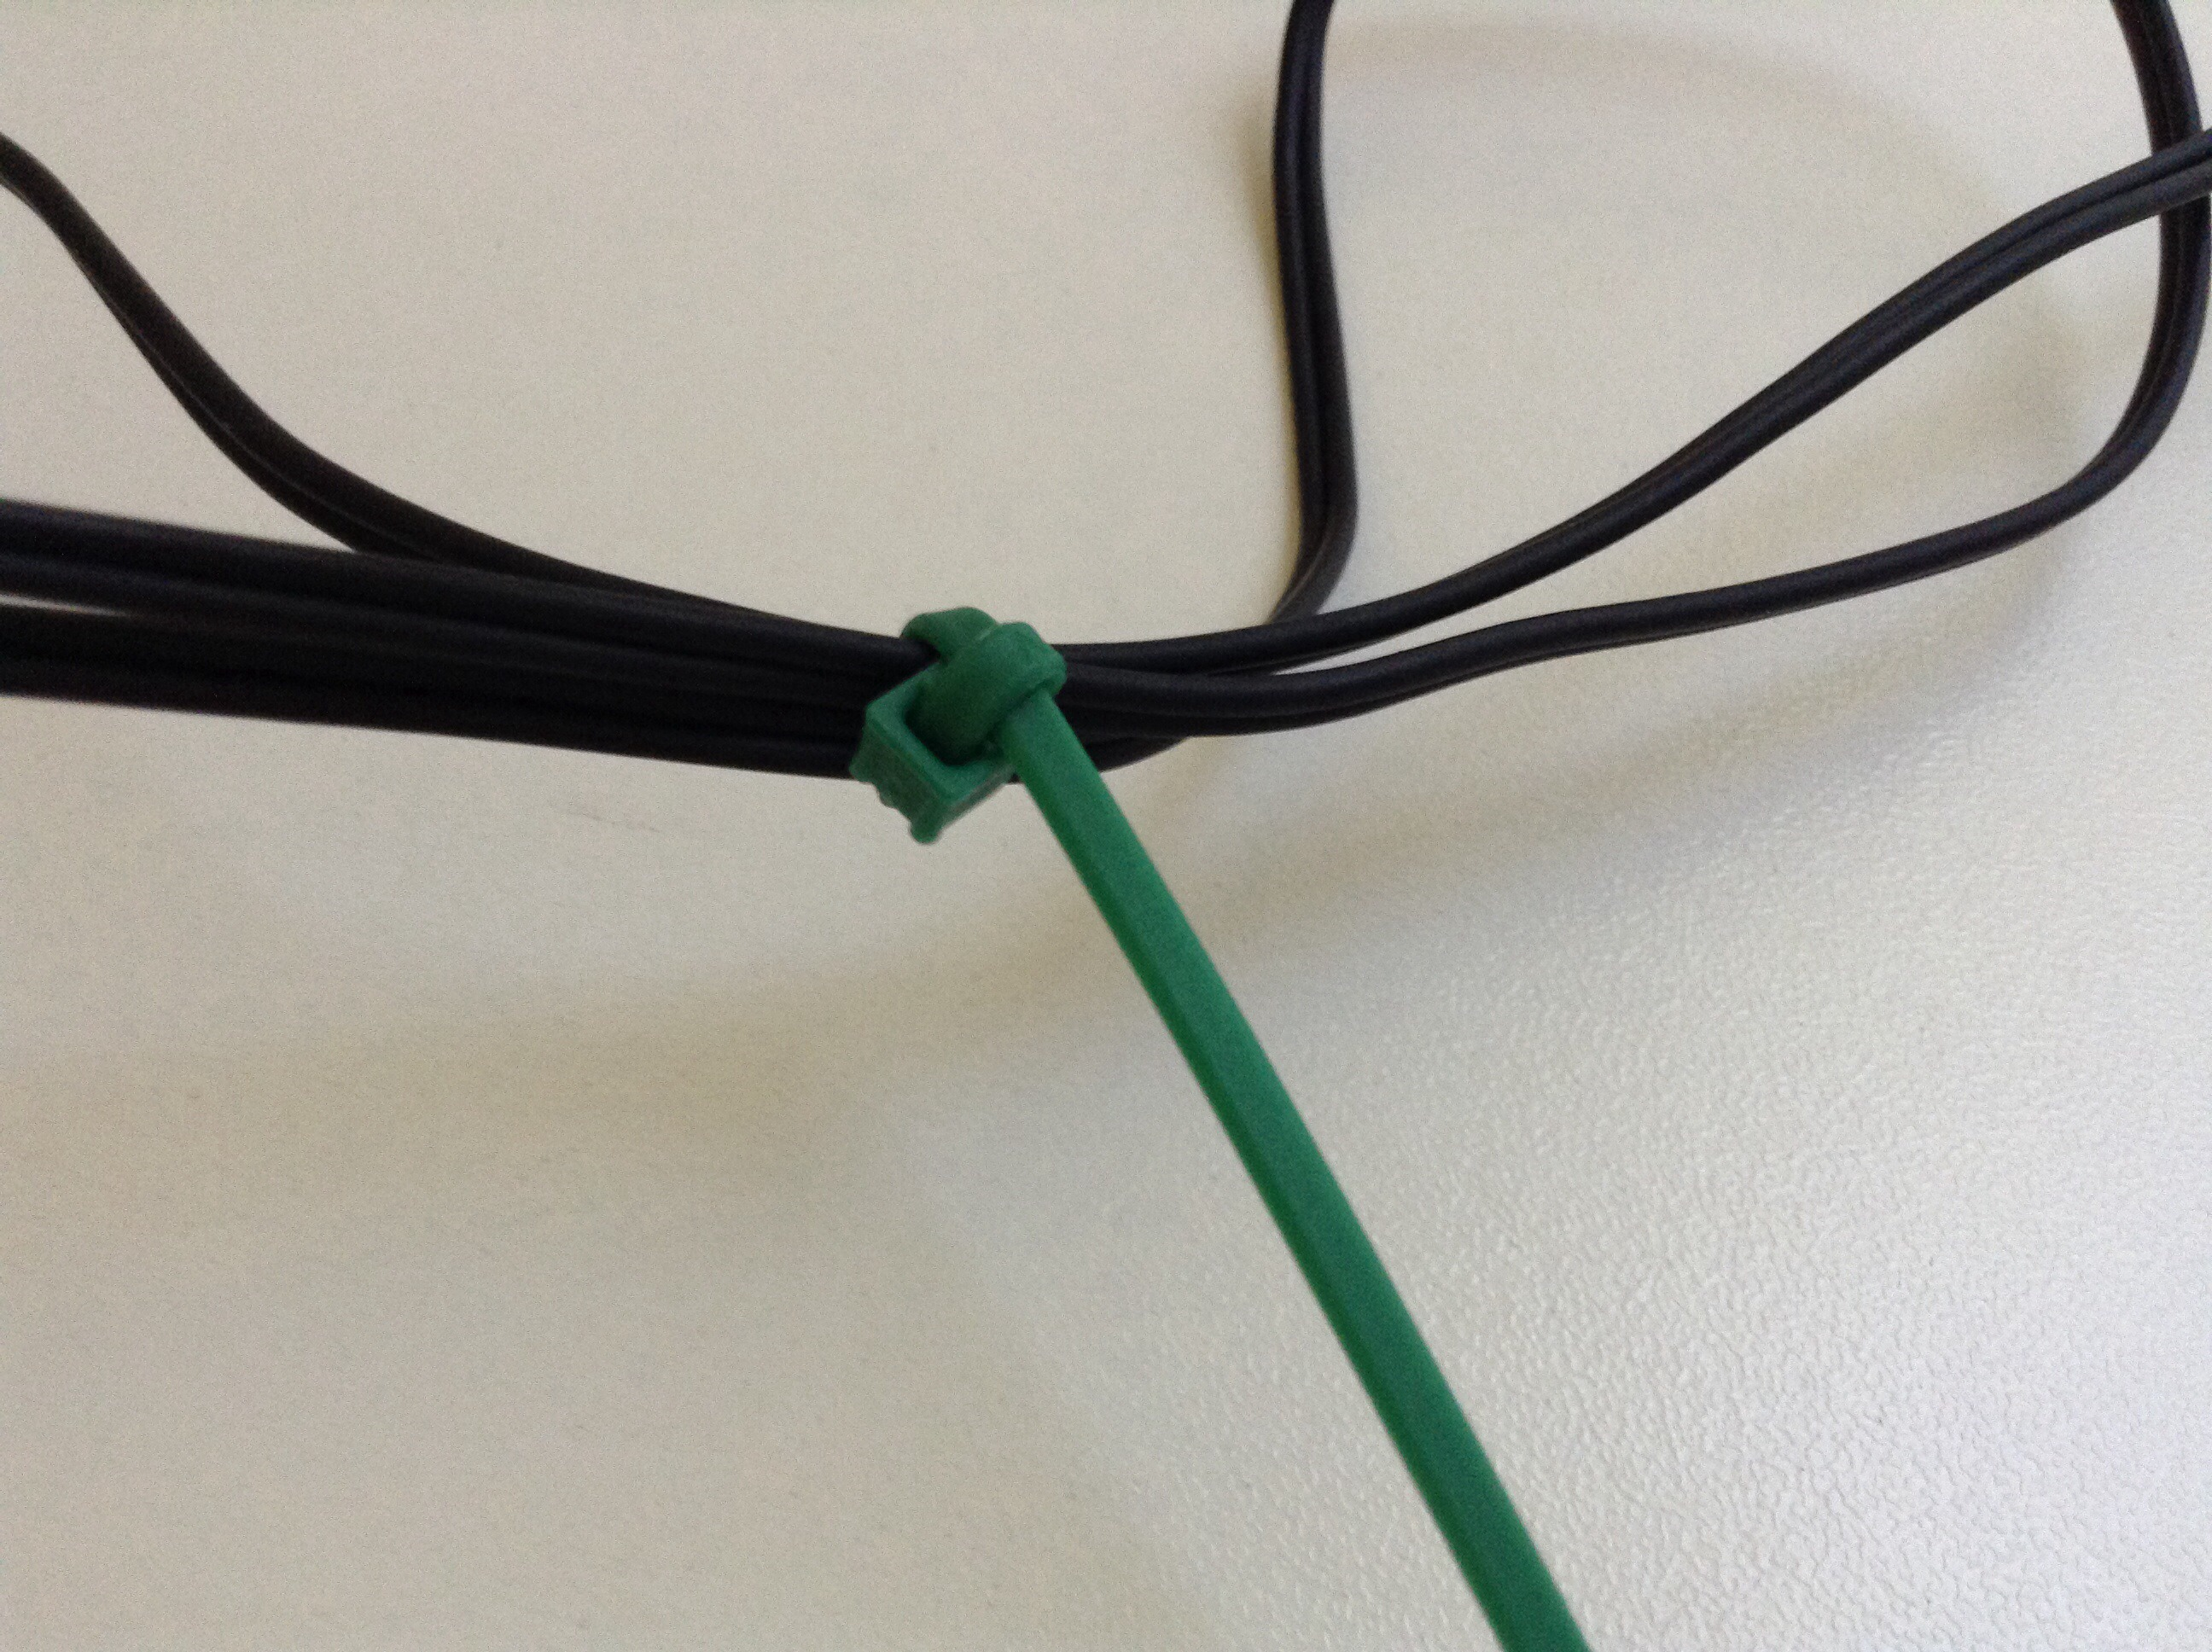 How To Reuse Zip-ties